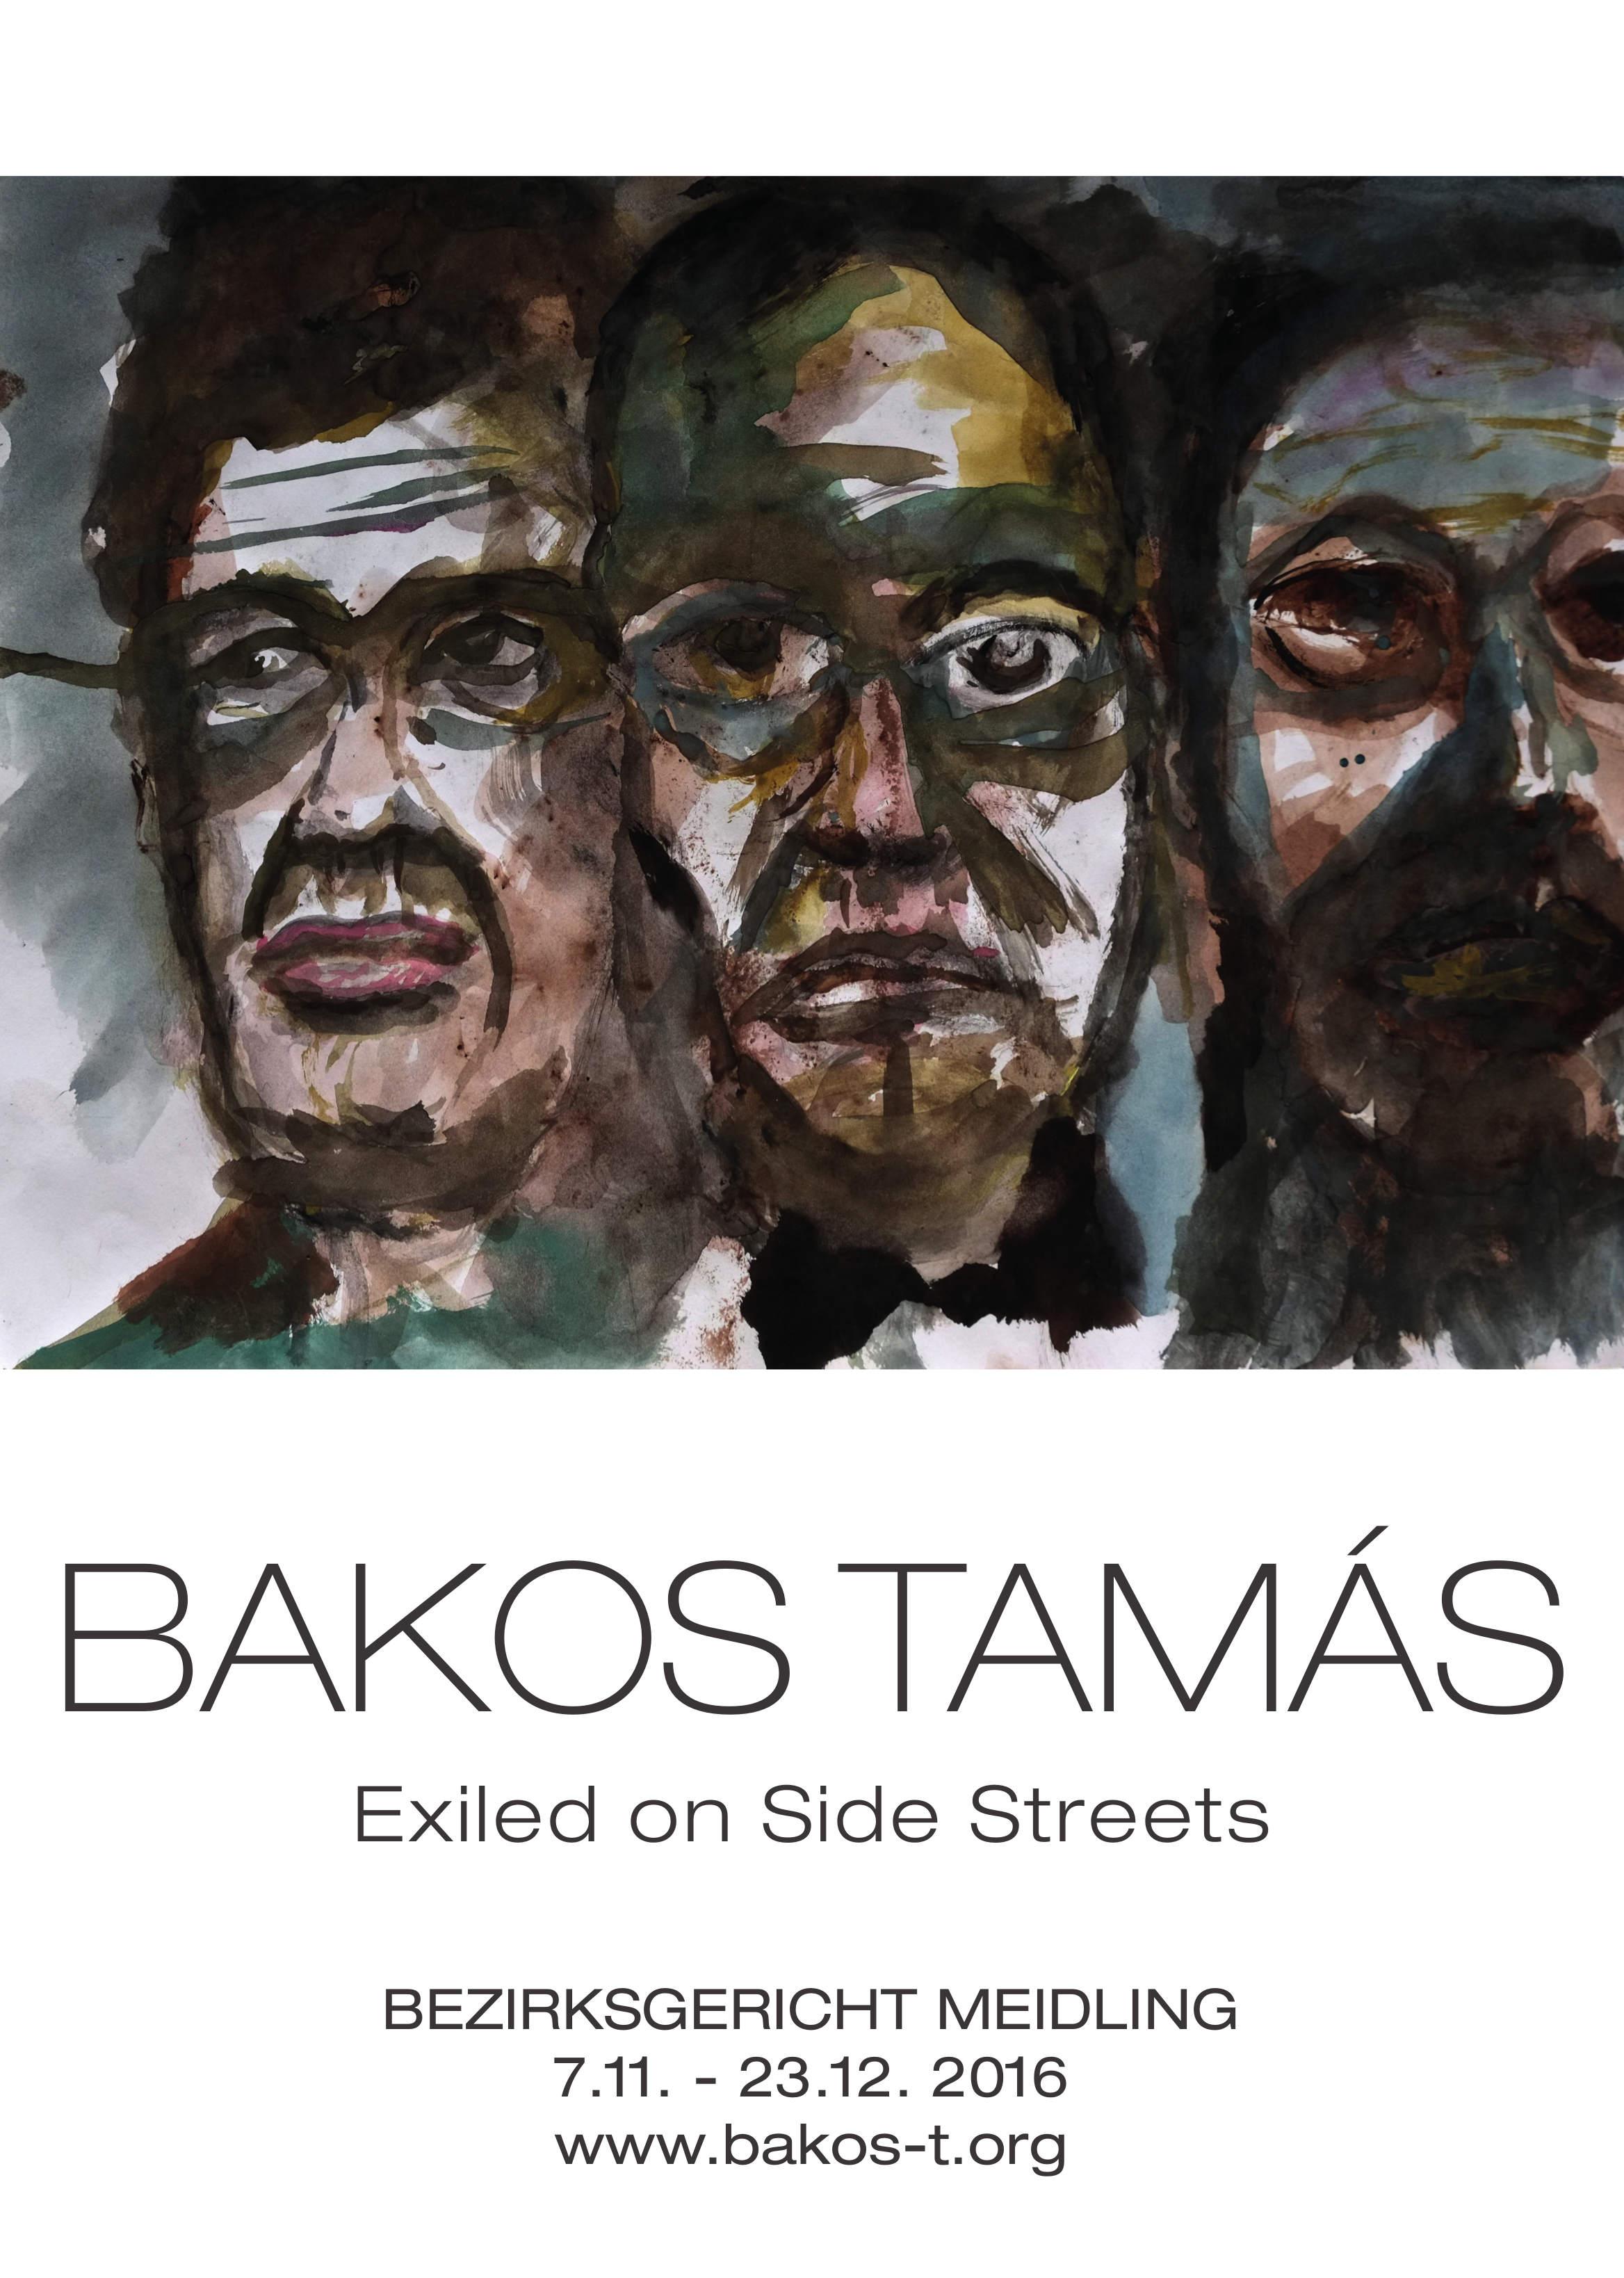 ausstellung-bakos-tamas